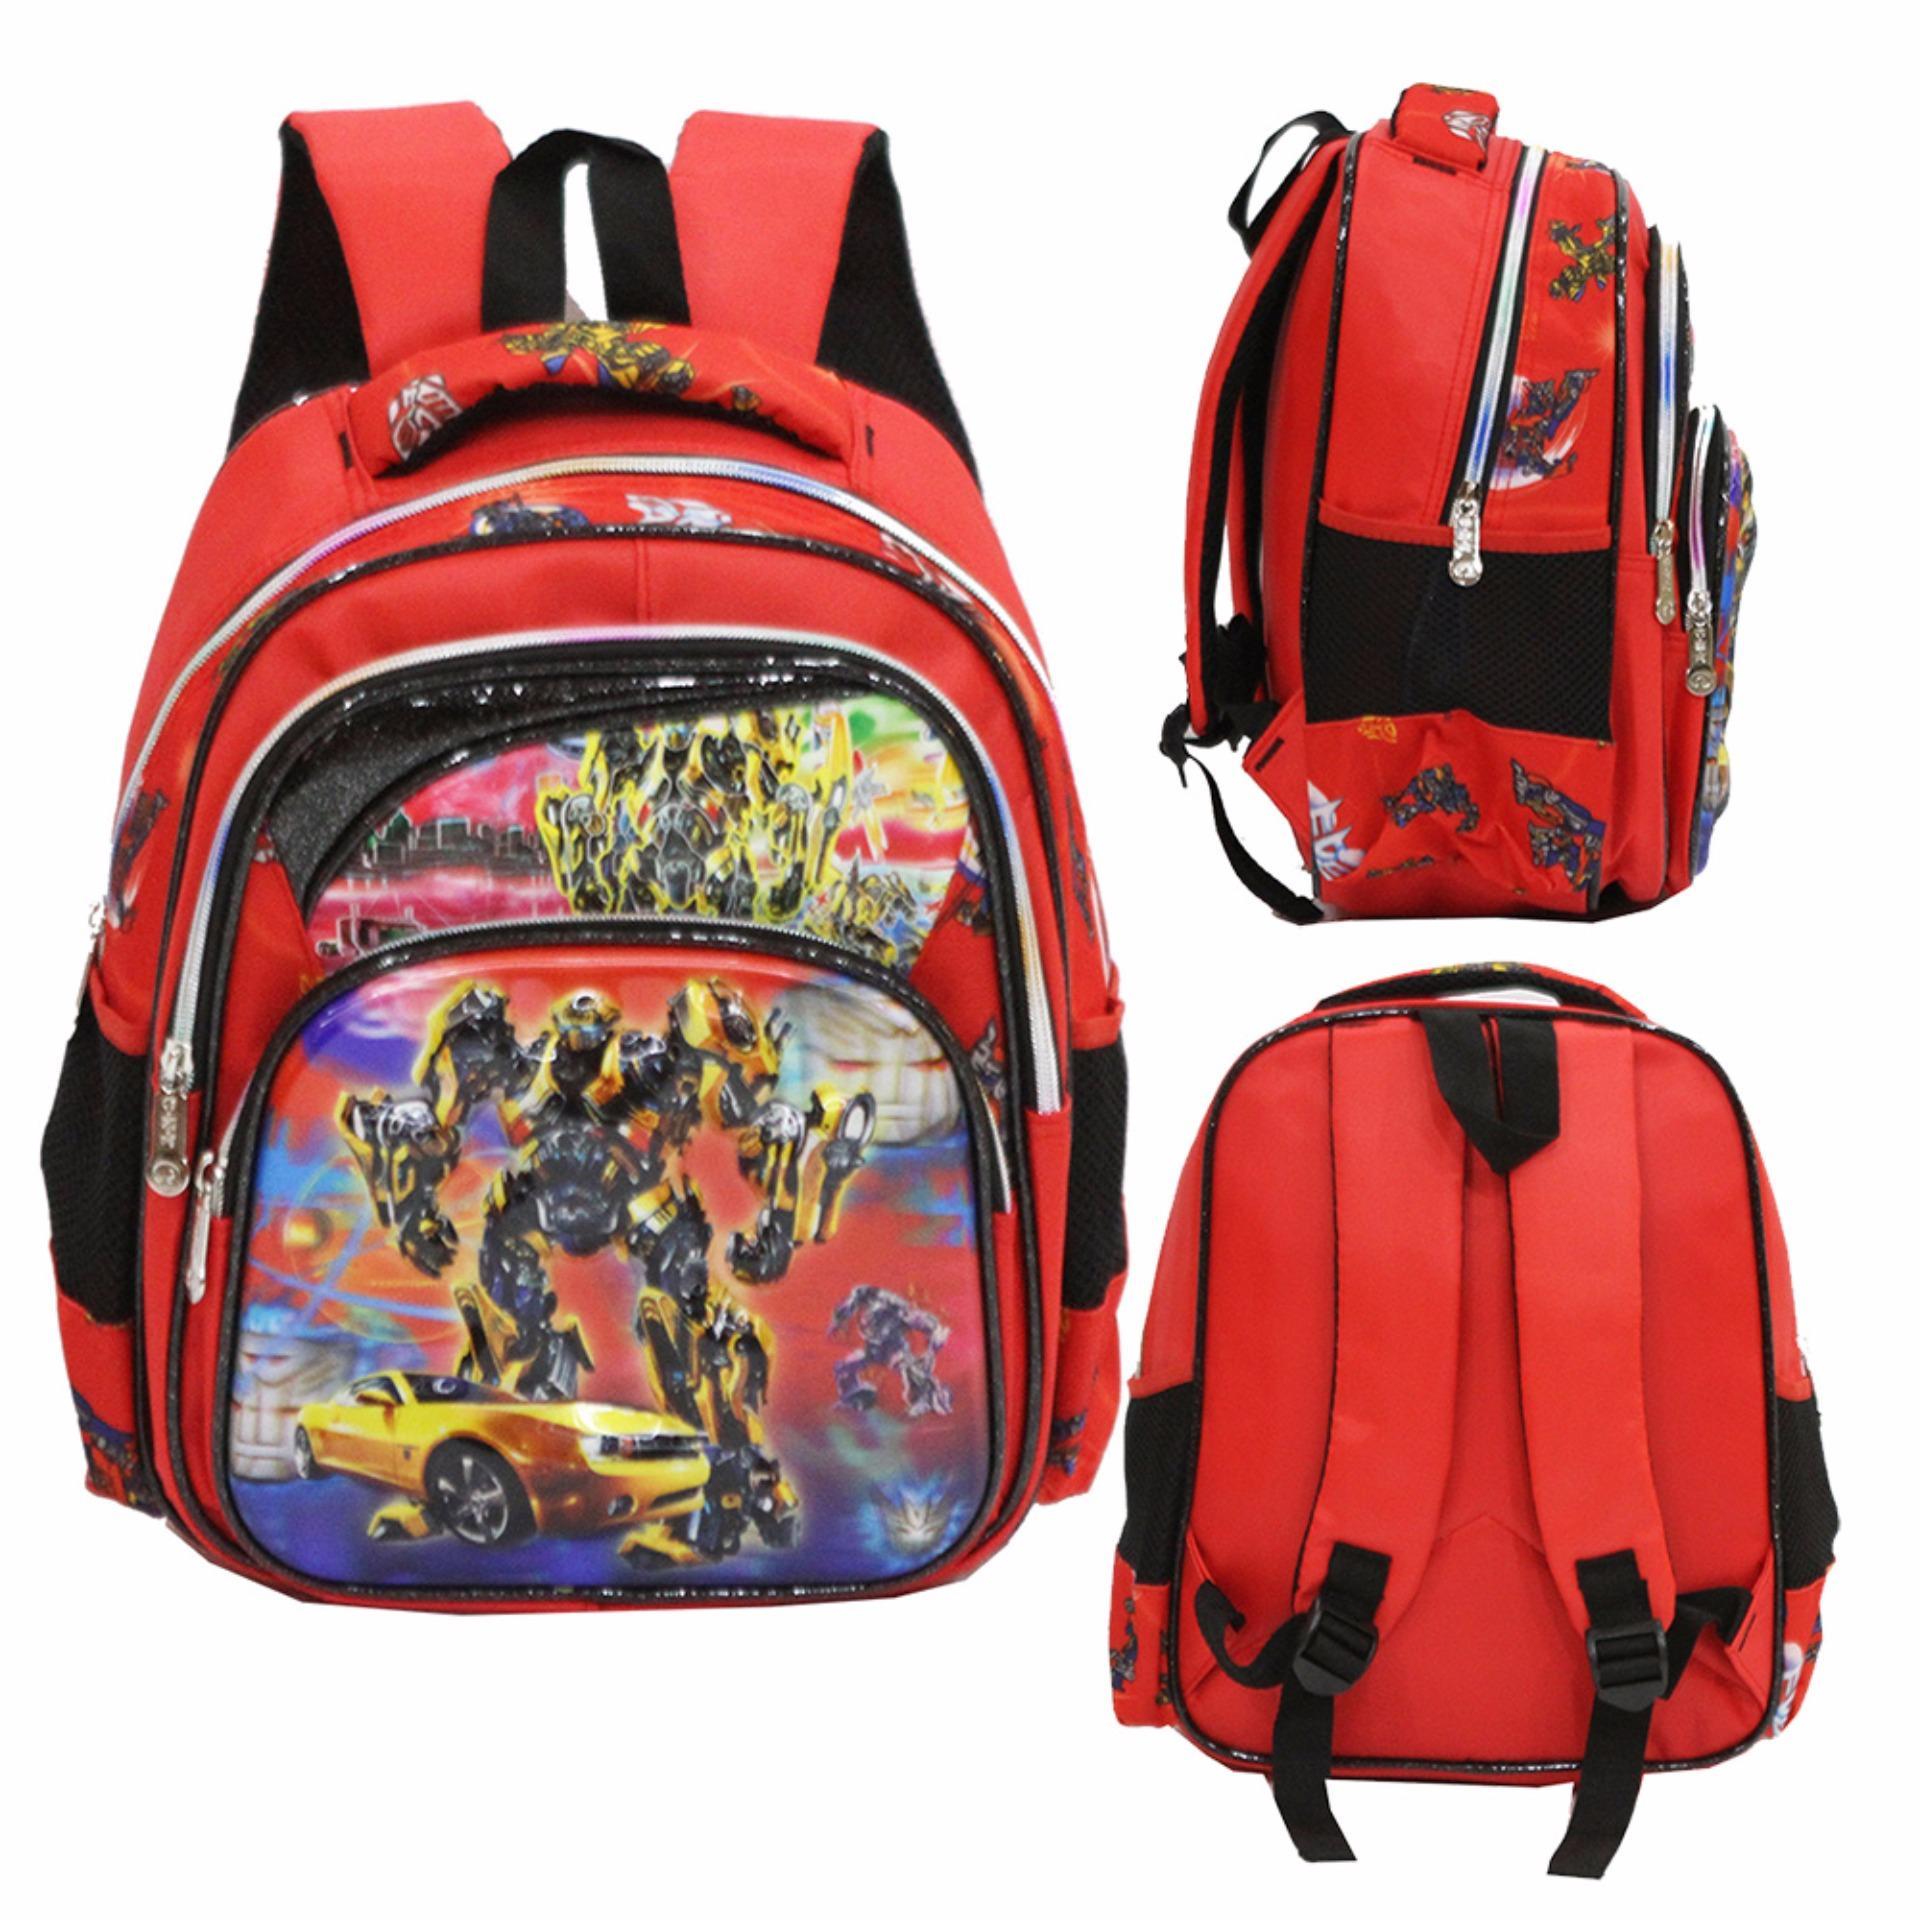 Spesifikasi Onlan Transformers 5D Timbul Hologram Tas Ransel Anak Sekolah Tk Ada 3 Kantung Import Red Lengkap